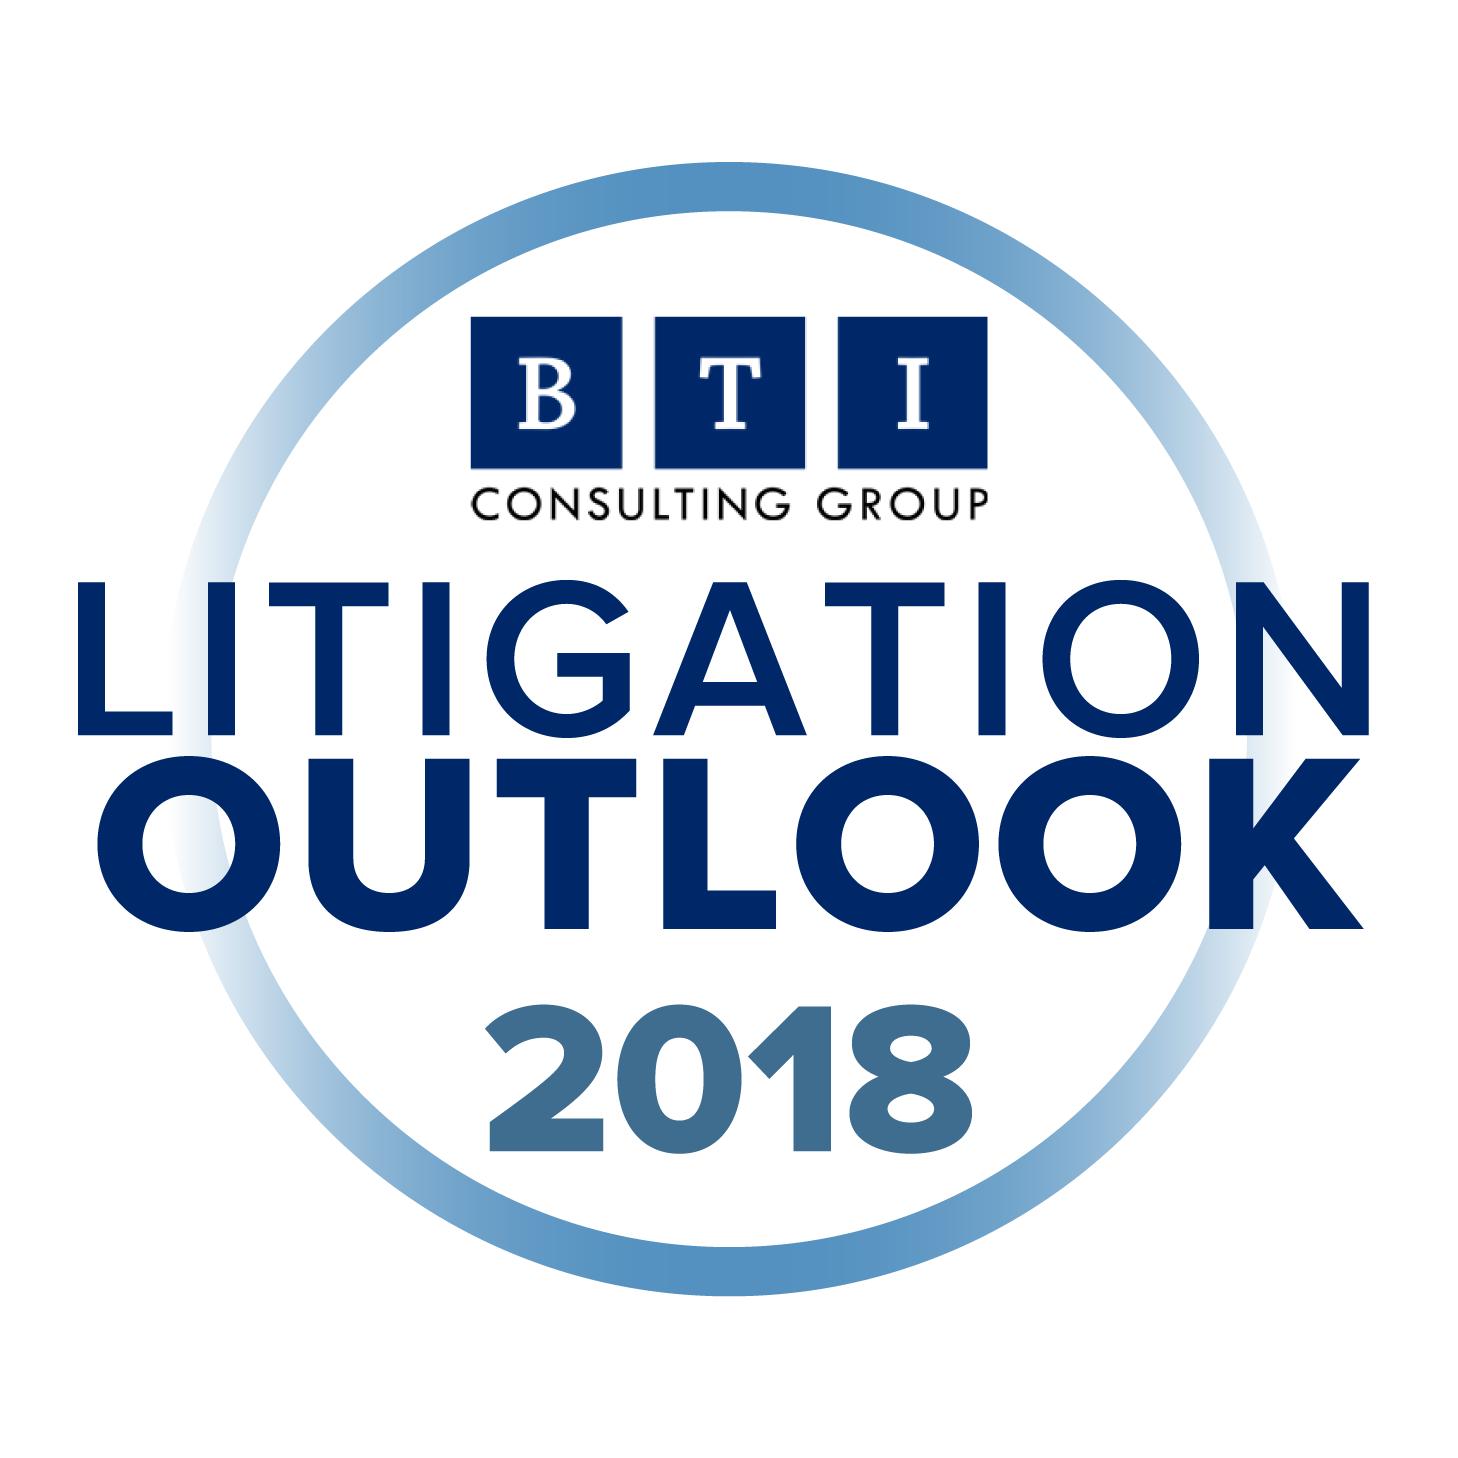 Litigation Outlook Logo 2018-01.png